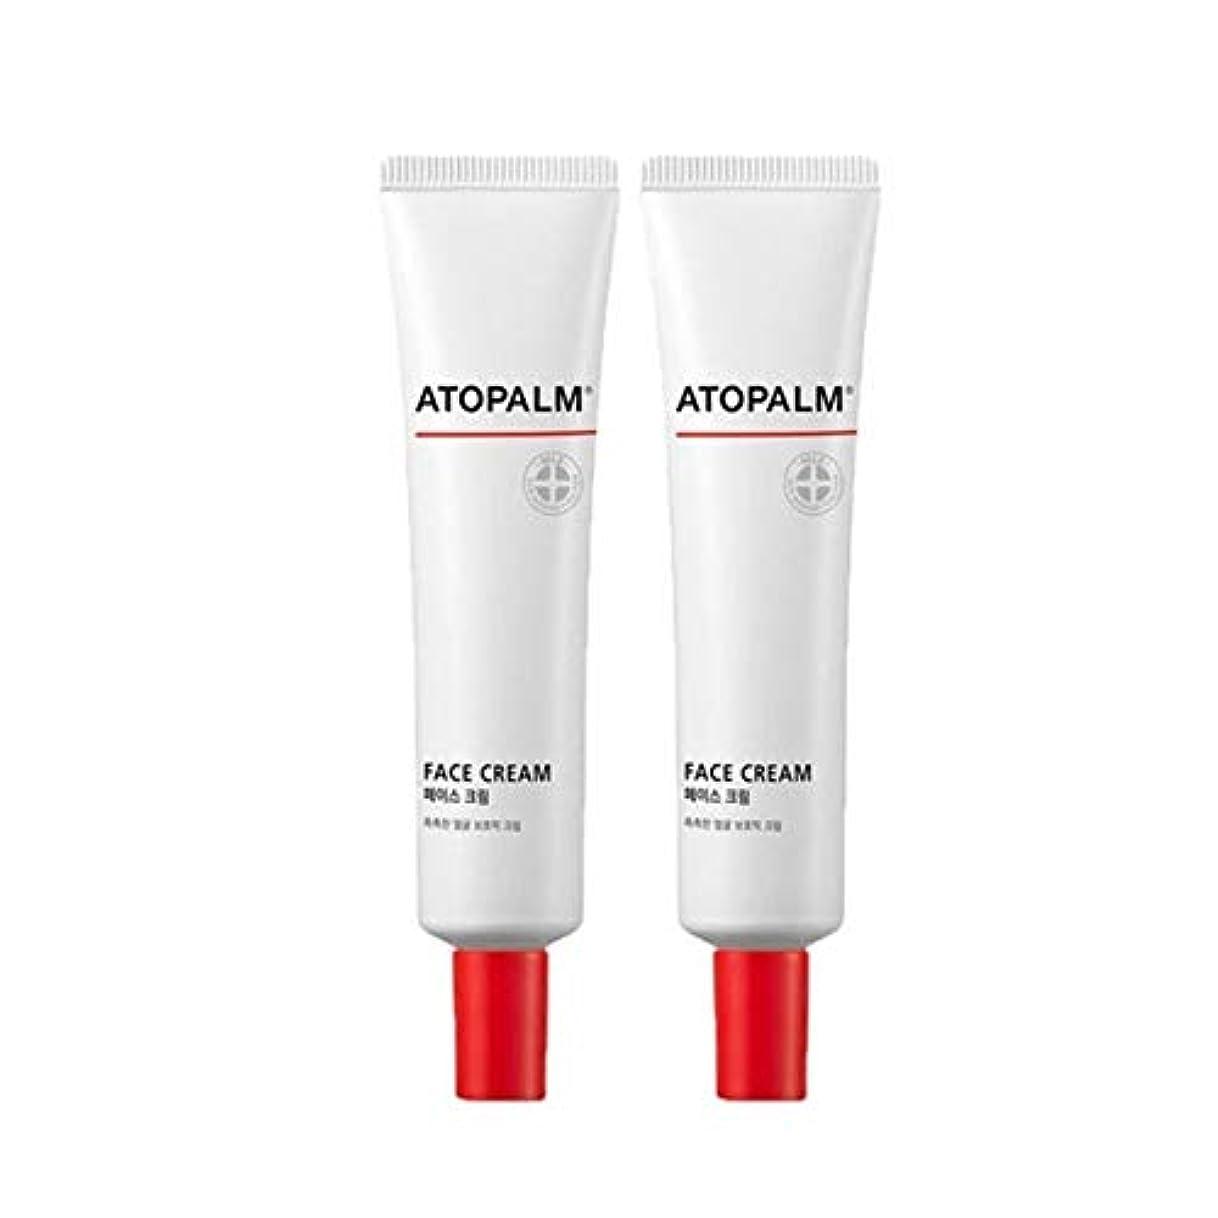 カジュアルバンク長いですアトパムフェイスクリーム35mlx2本セット韓国コスメ、Atopalm Face Cream 35ml x 2ea Set Korean Cosmetics [並行輸入品]